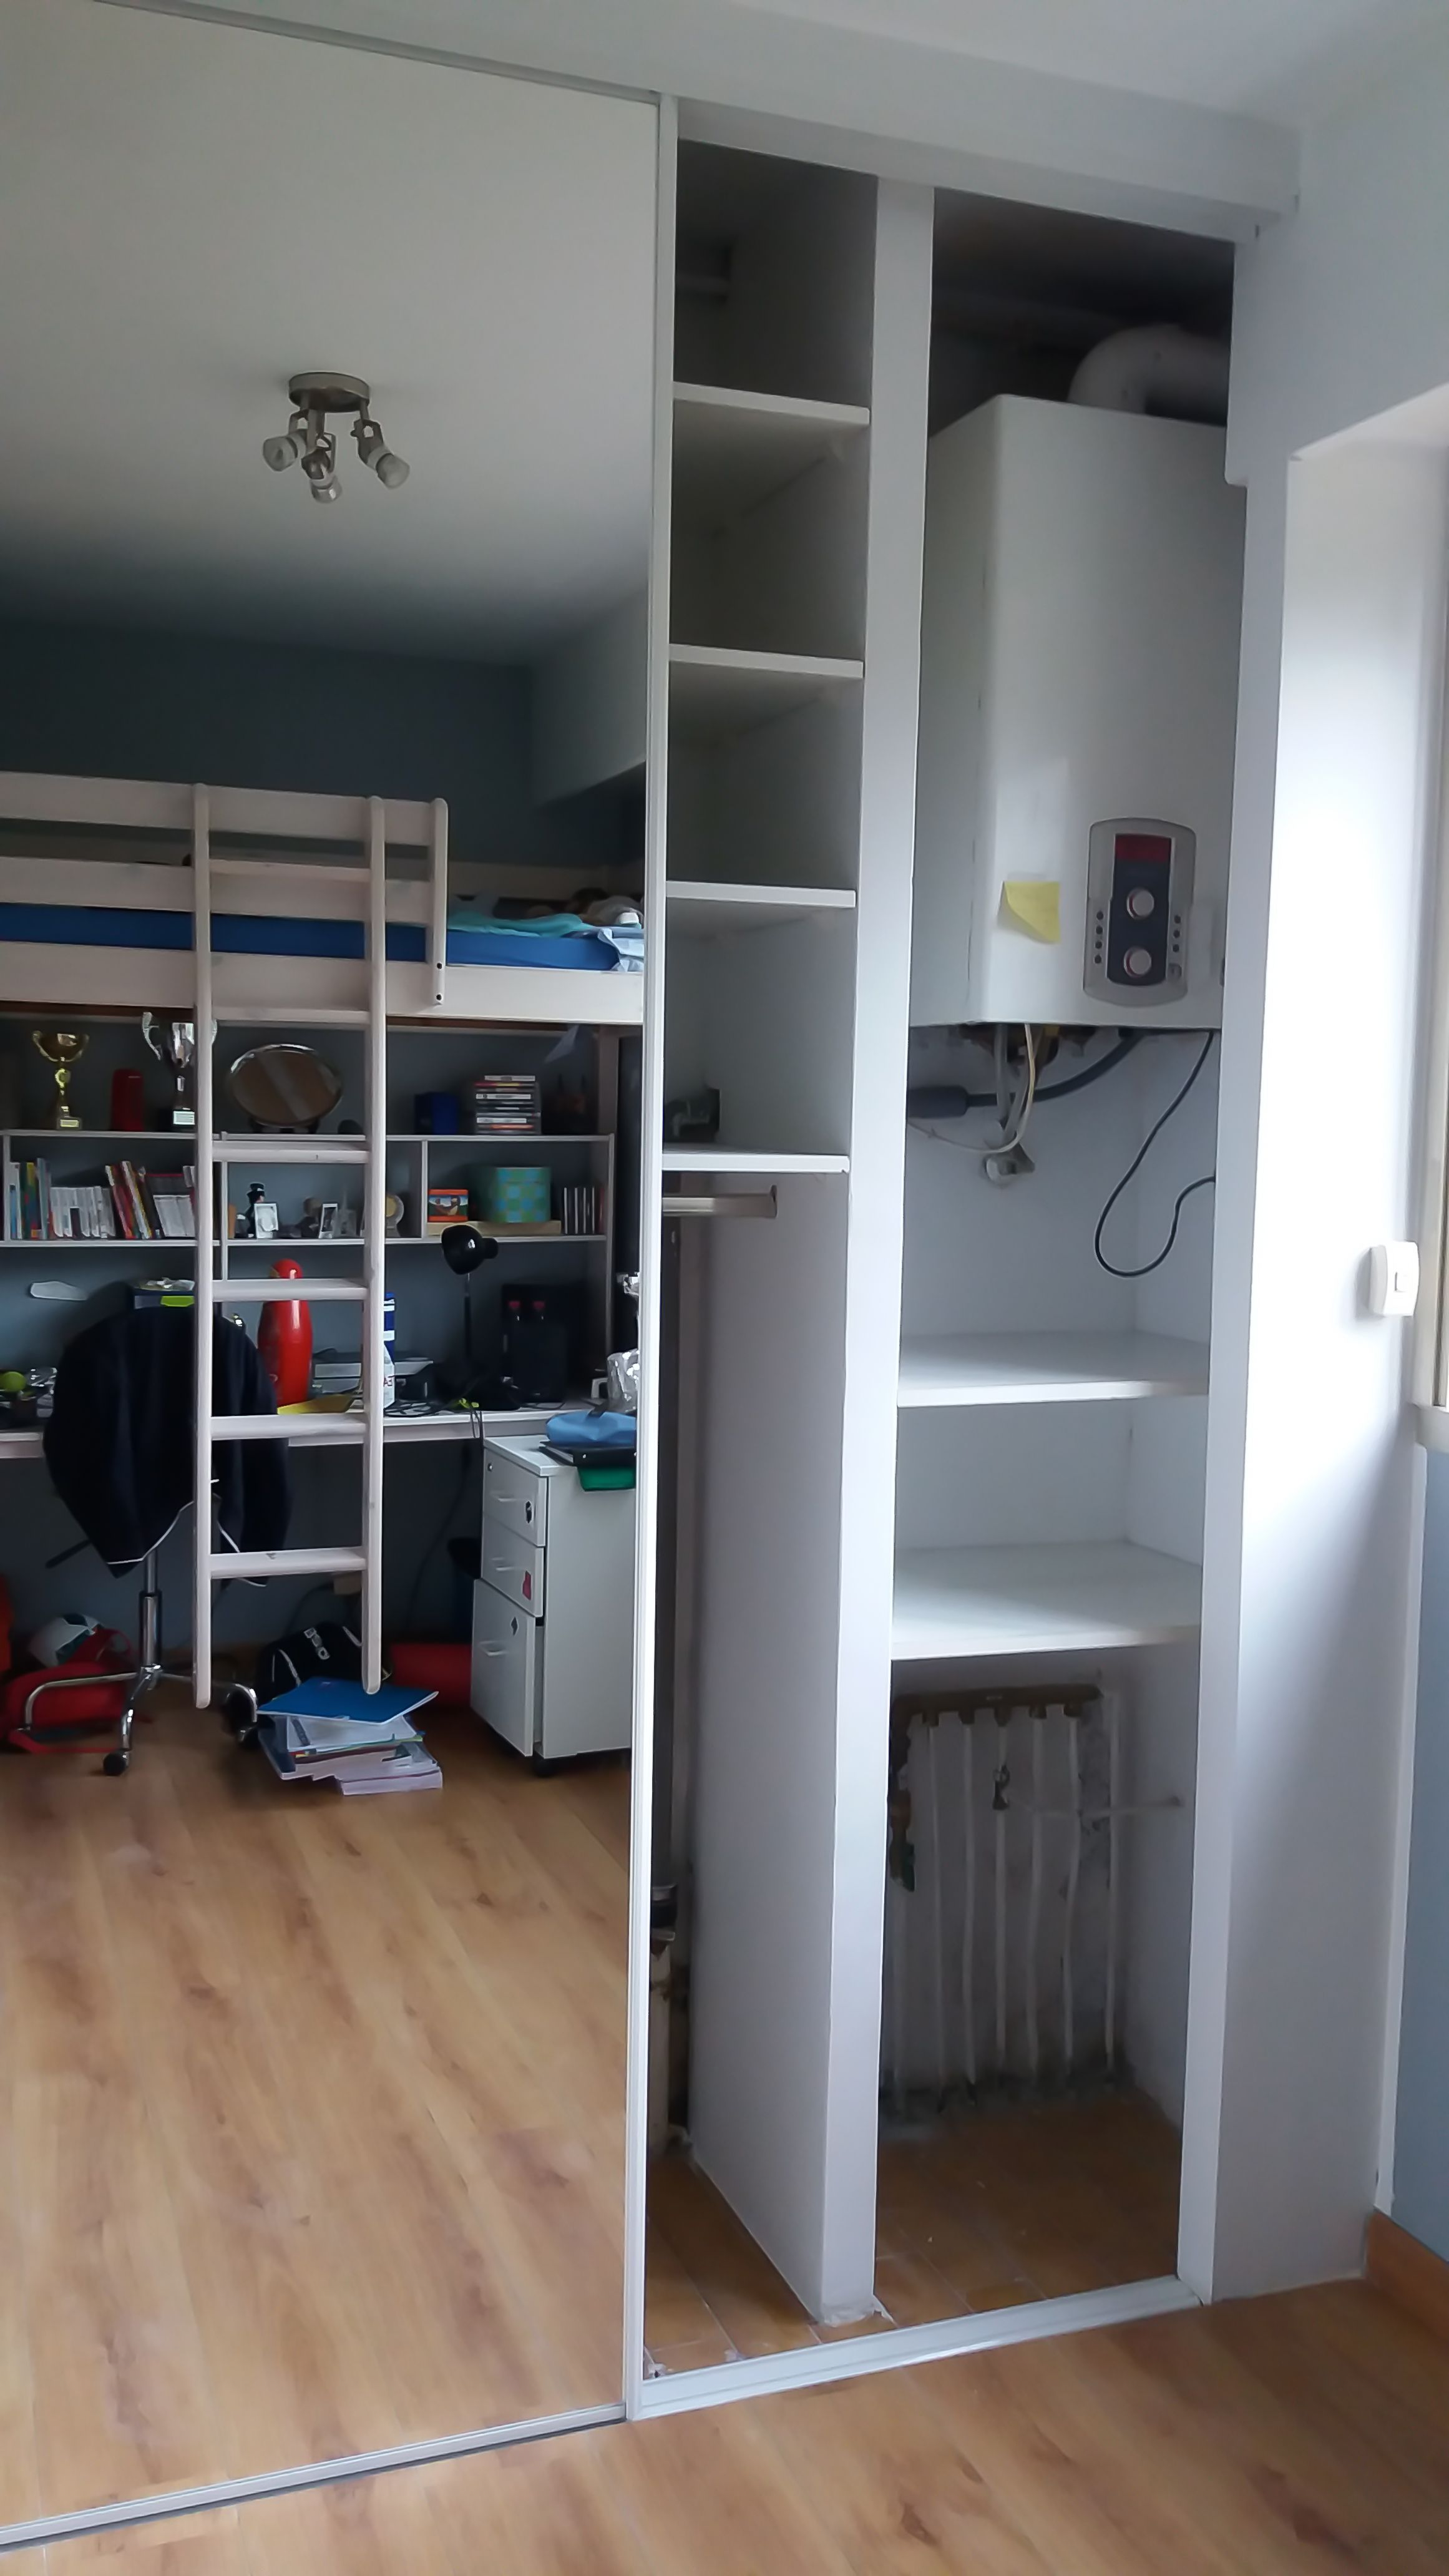 cloison carreau de platre amazing carreau de pltre plein. Black Bedroom Furniture Sets. Home Design Ideas